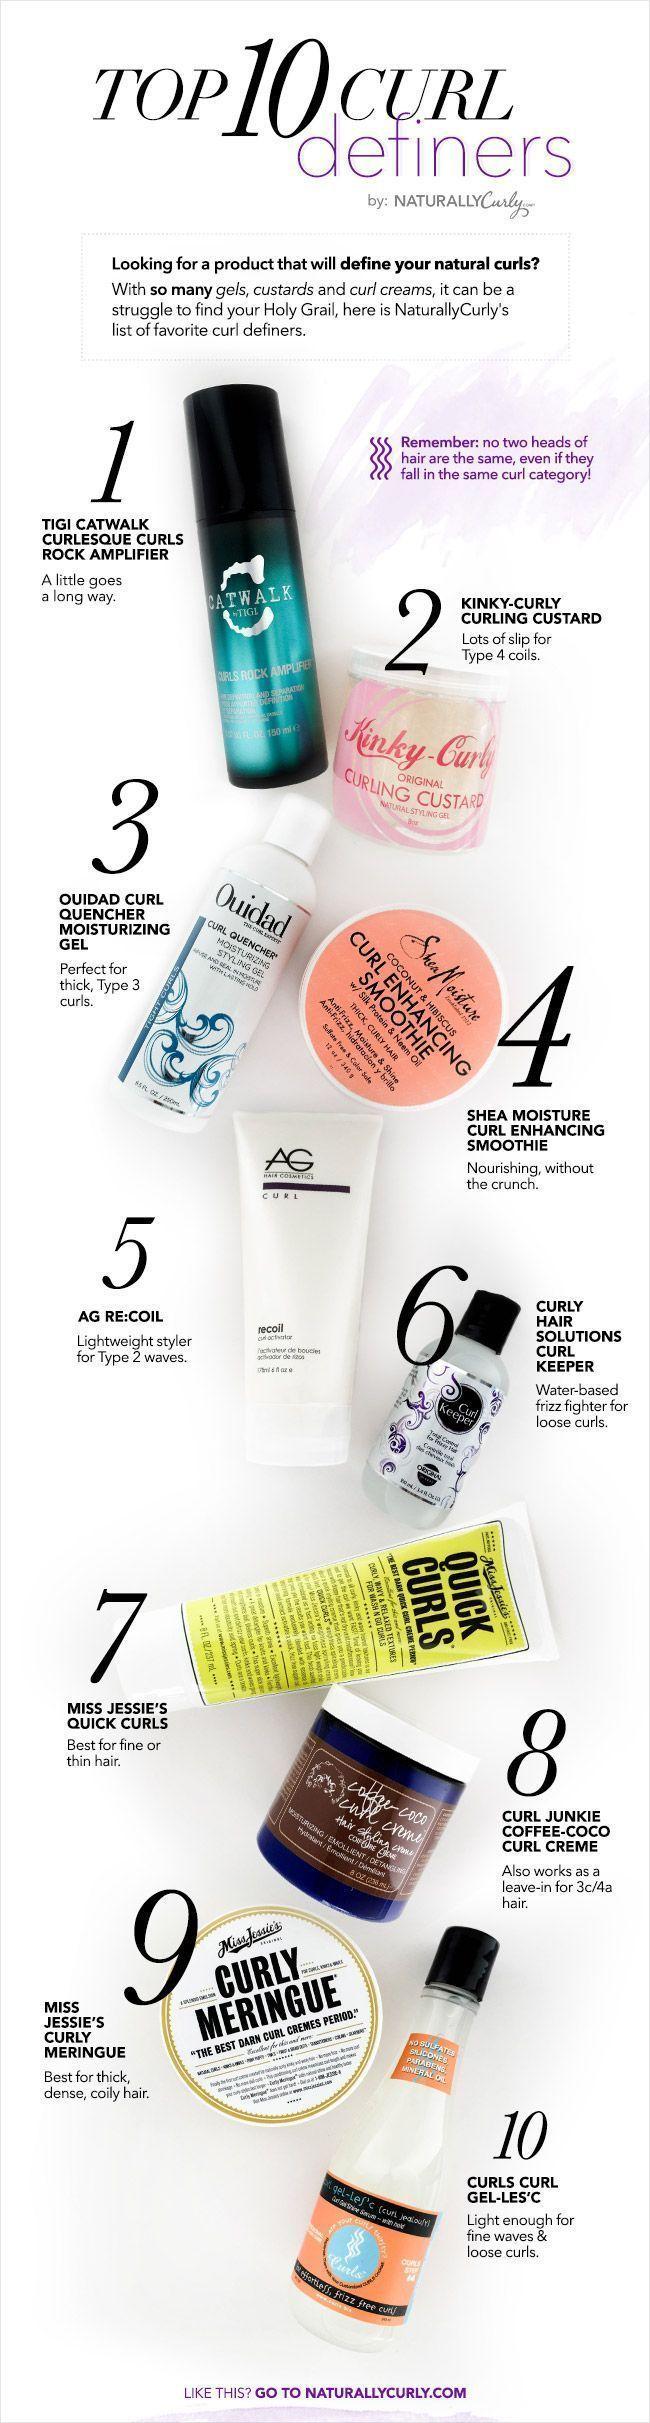 Die besten Produkte, um Locken für IHRE natürliche Haartextur zu definieren! ….